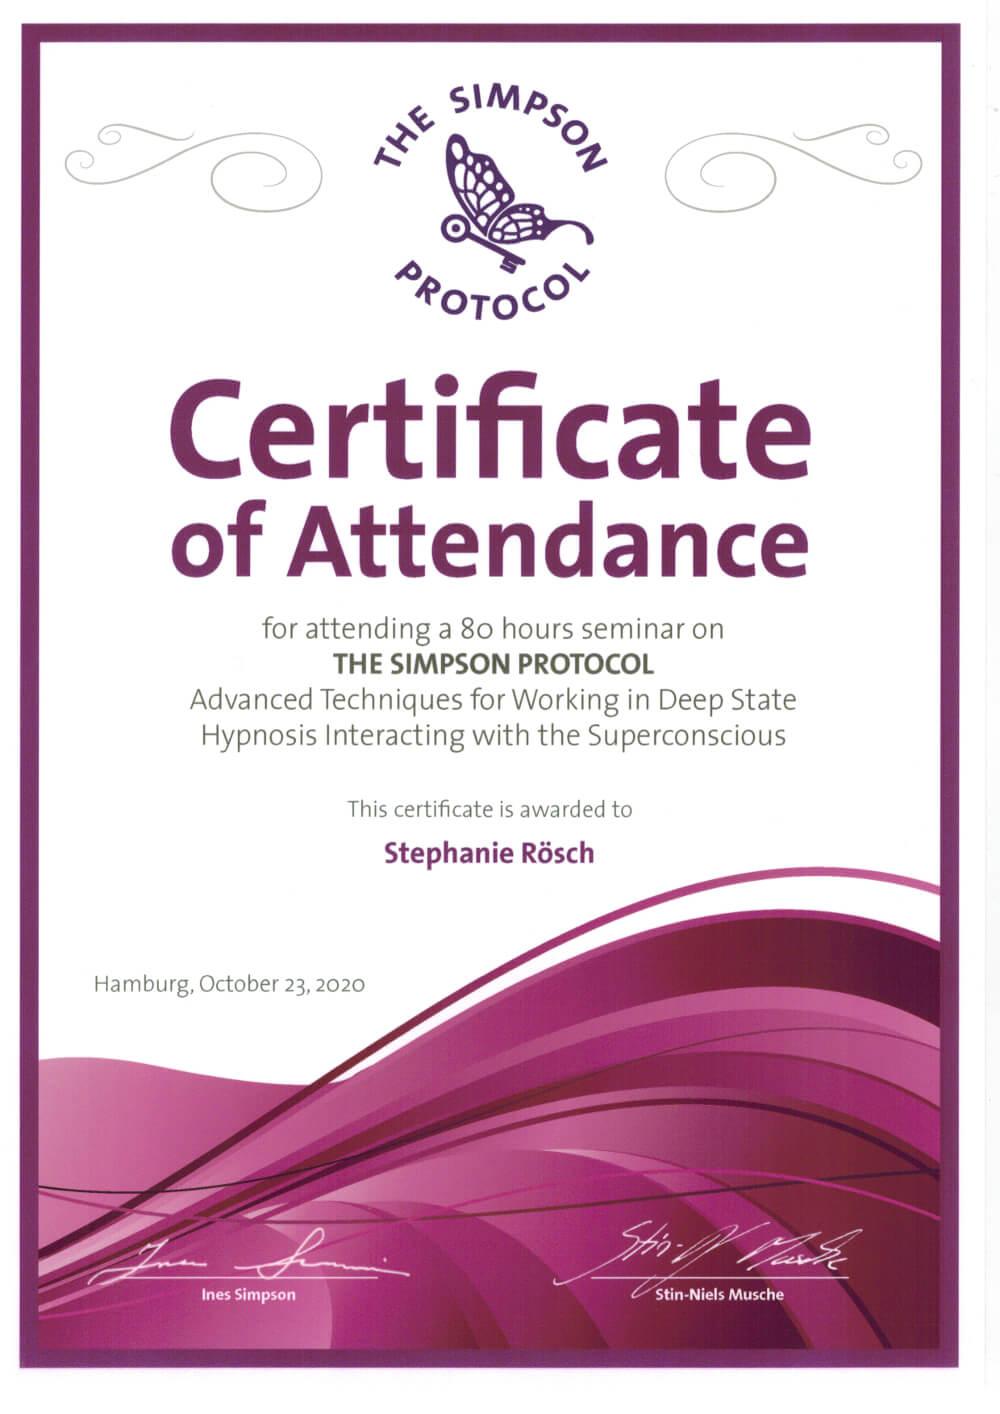 zertifikat simpson protocol stephanie roesch